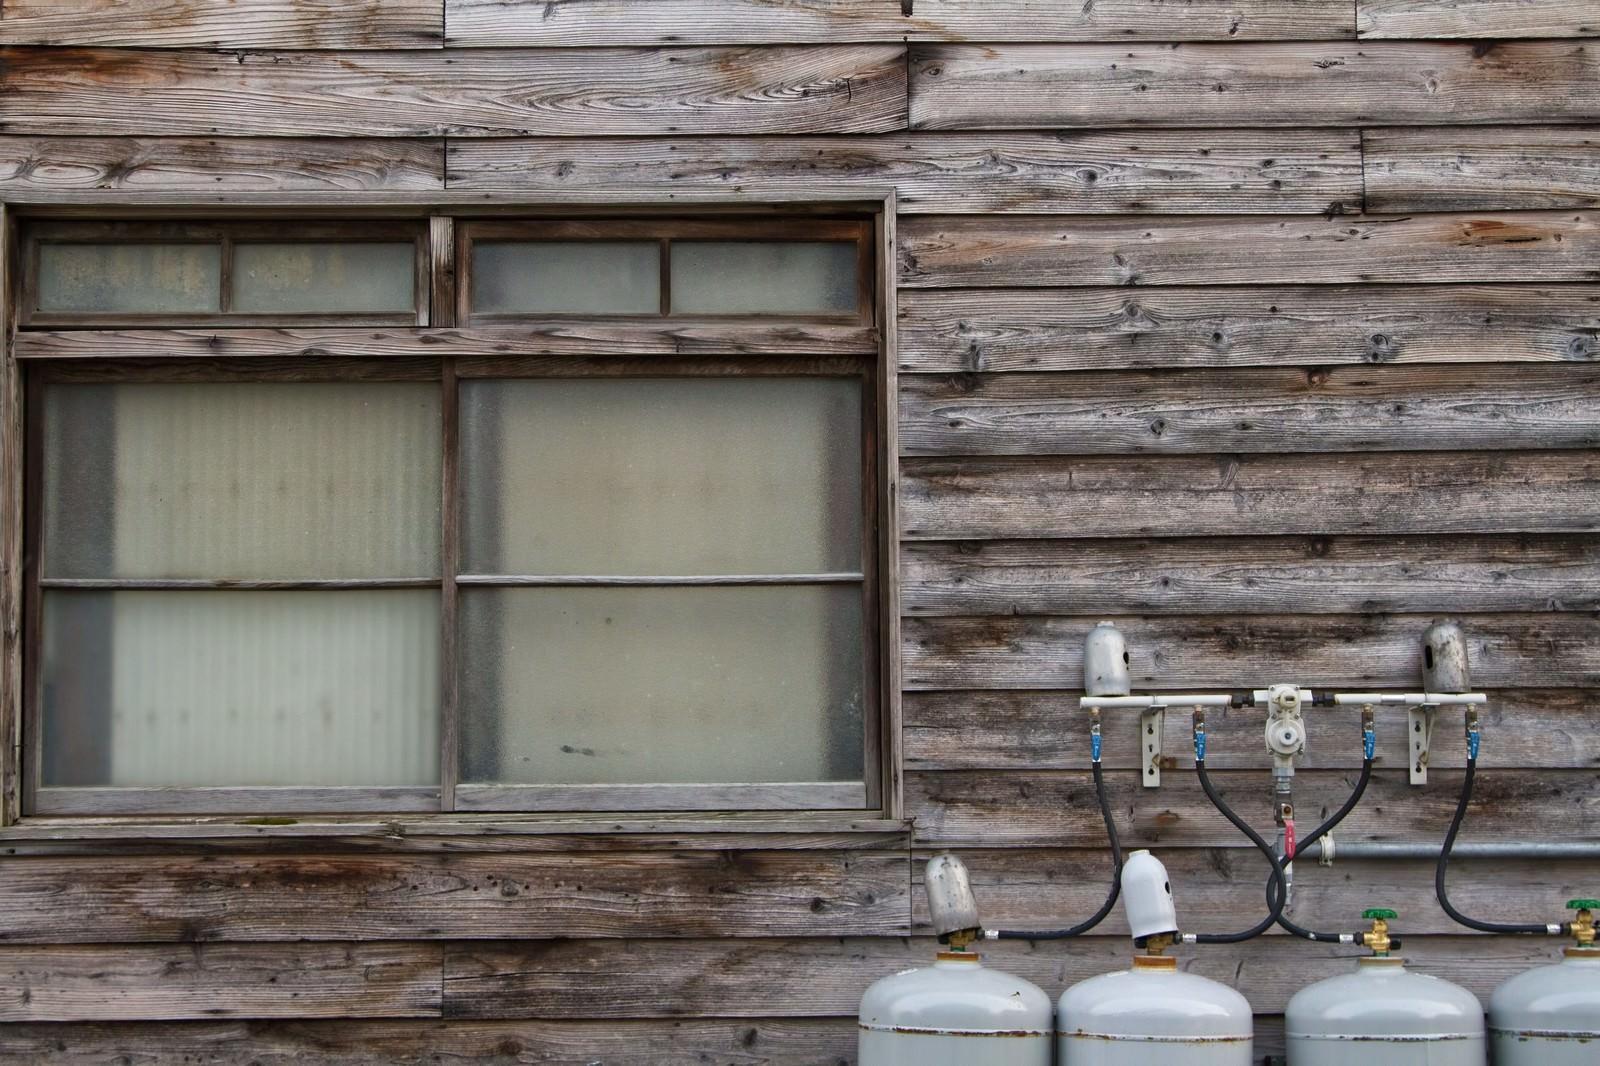 「古い板張りの民家と窓」の写真